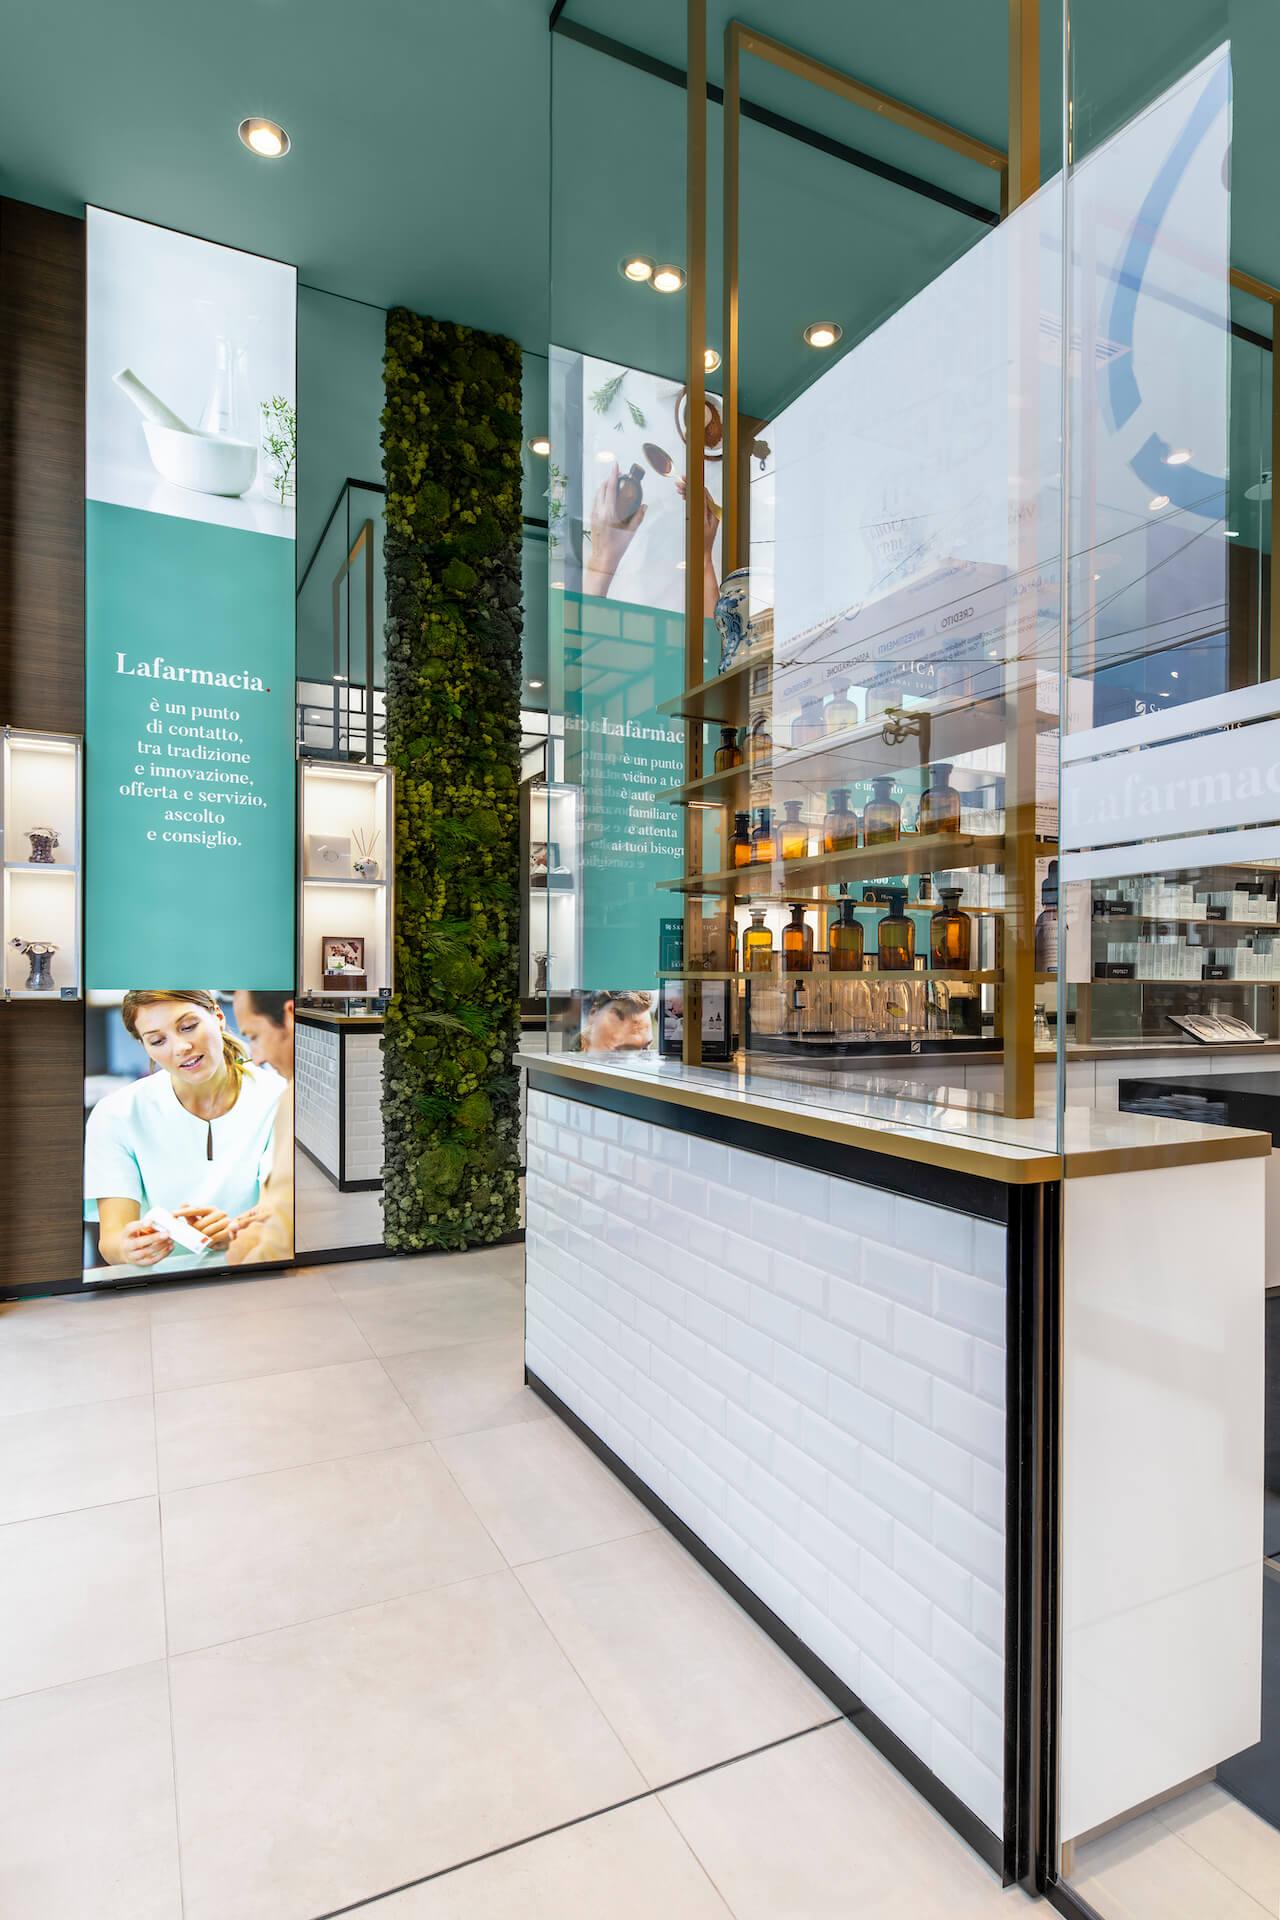 Flagship store Milano particolare lafarmacia hippocrates